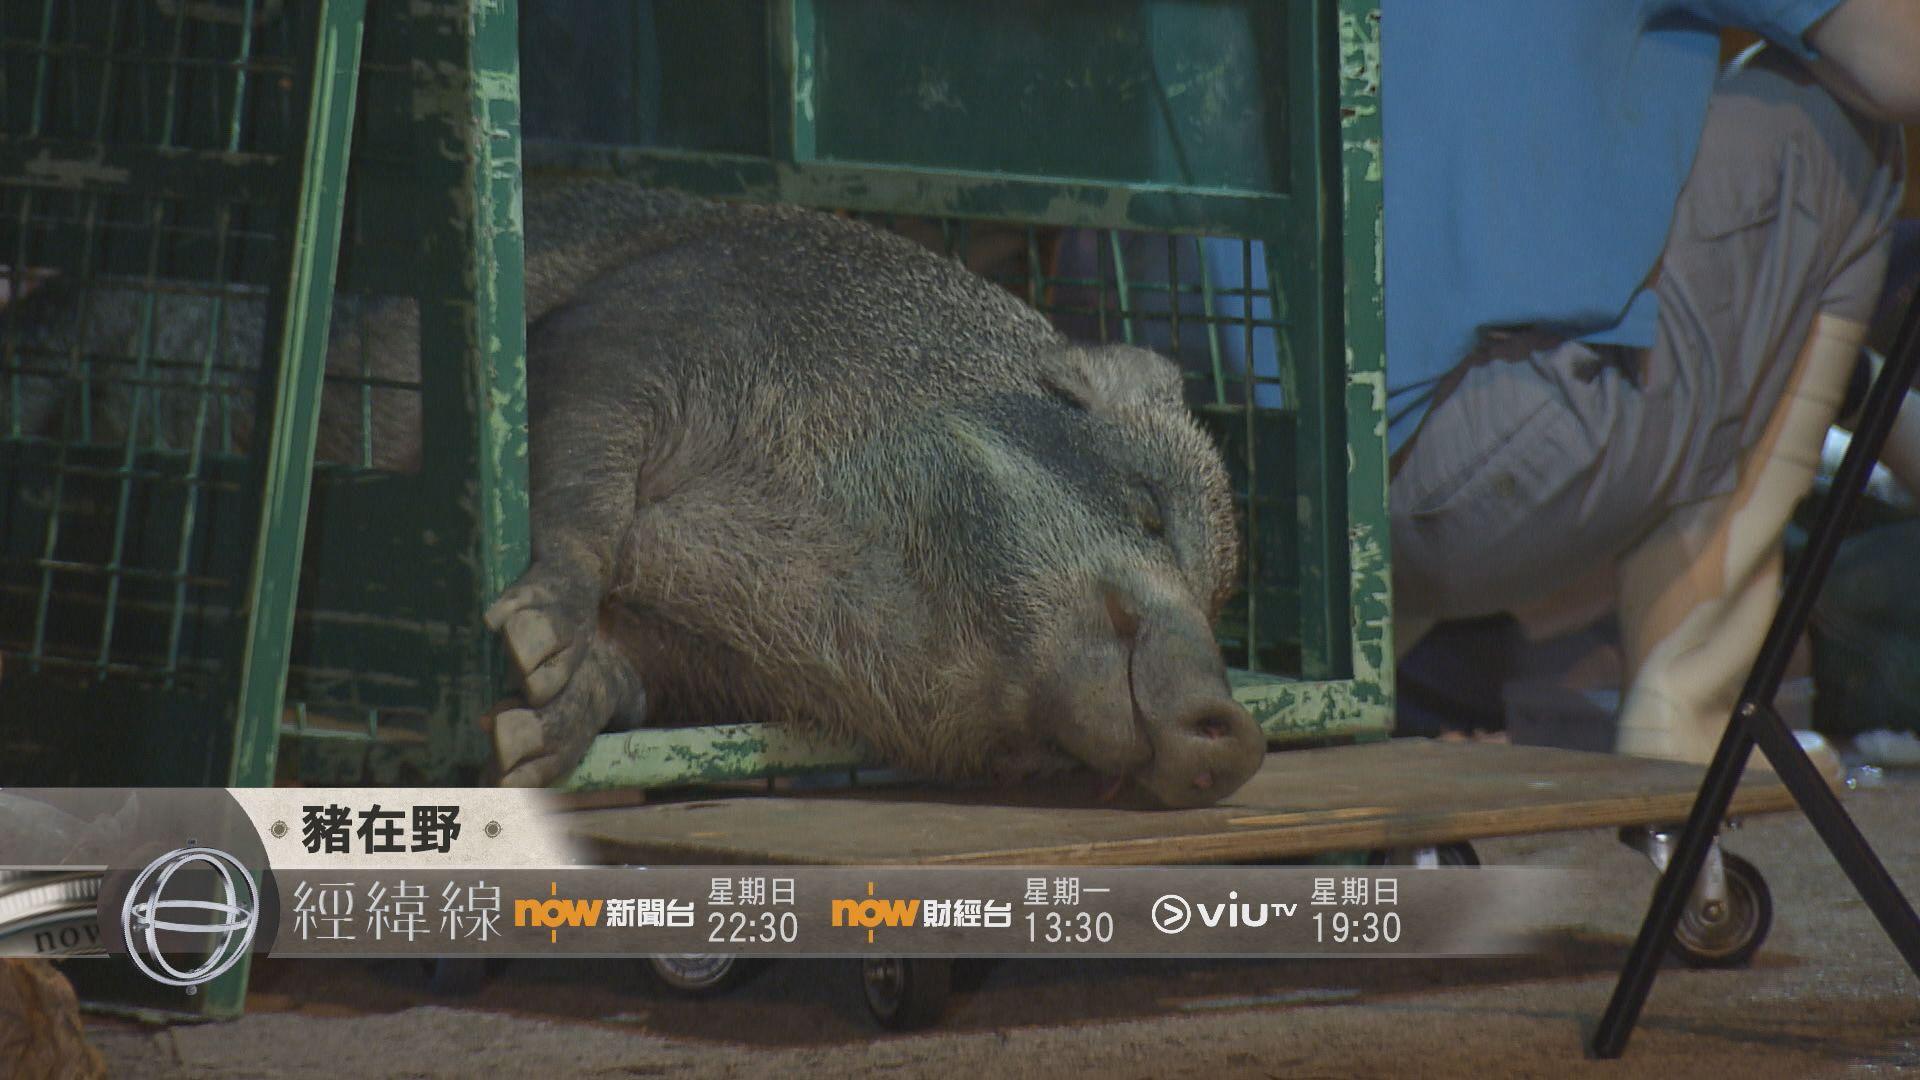 【經緯線本周提要】豬在野